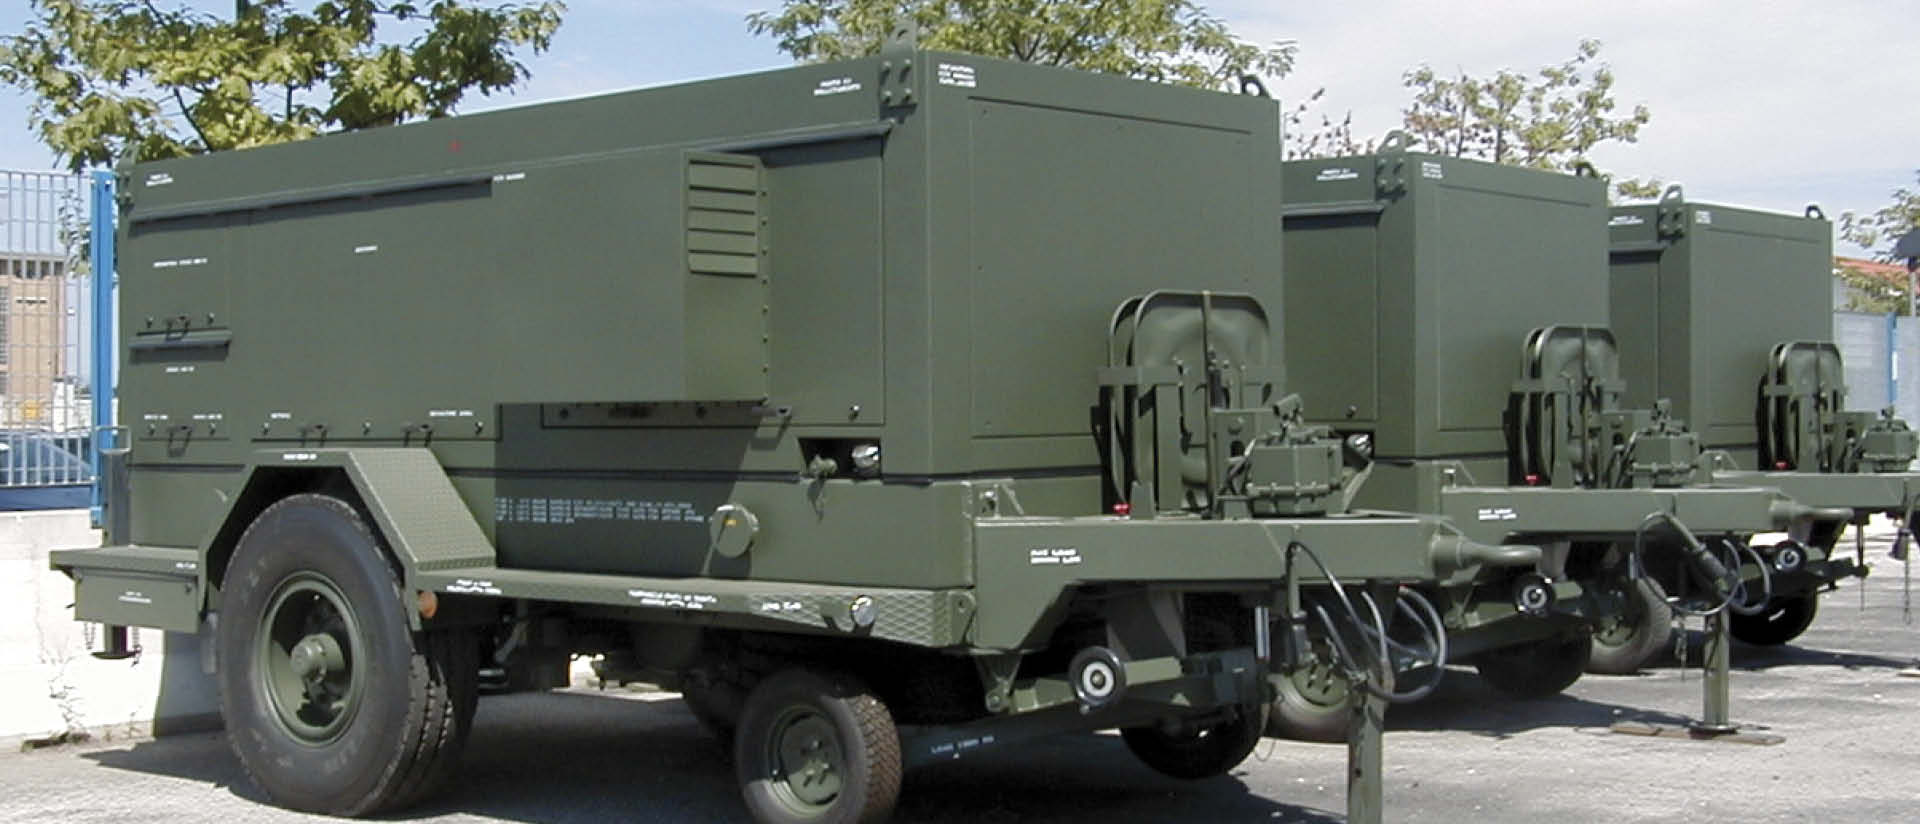 Schemi Elettrici Gruppi Elettrogeni : Per uso militare archivi effeti produzione gruppi elettrogeni